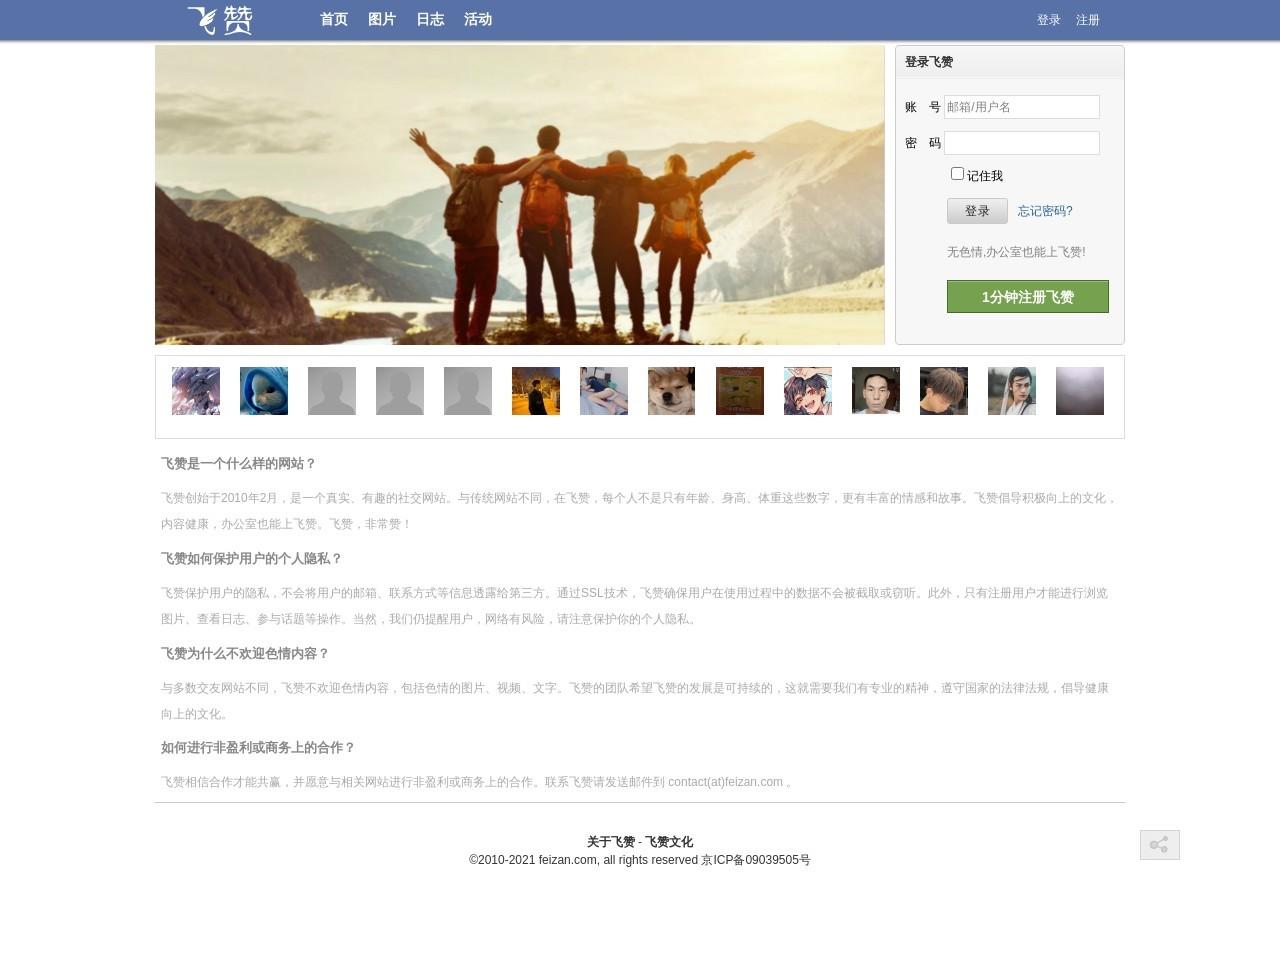 飞赞网_社交网络平台_手机交友